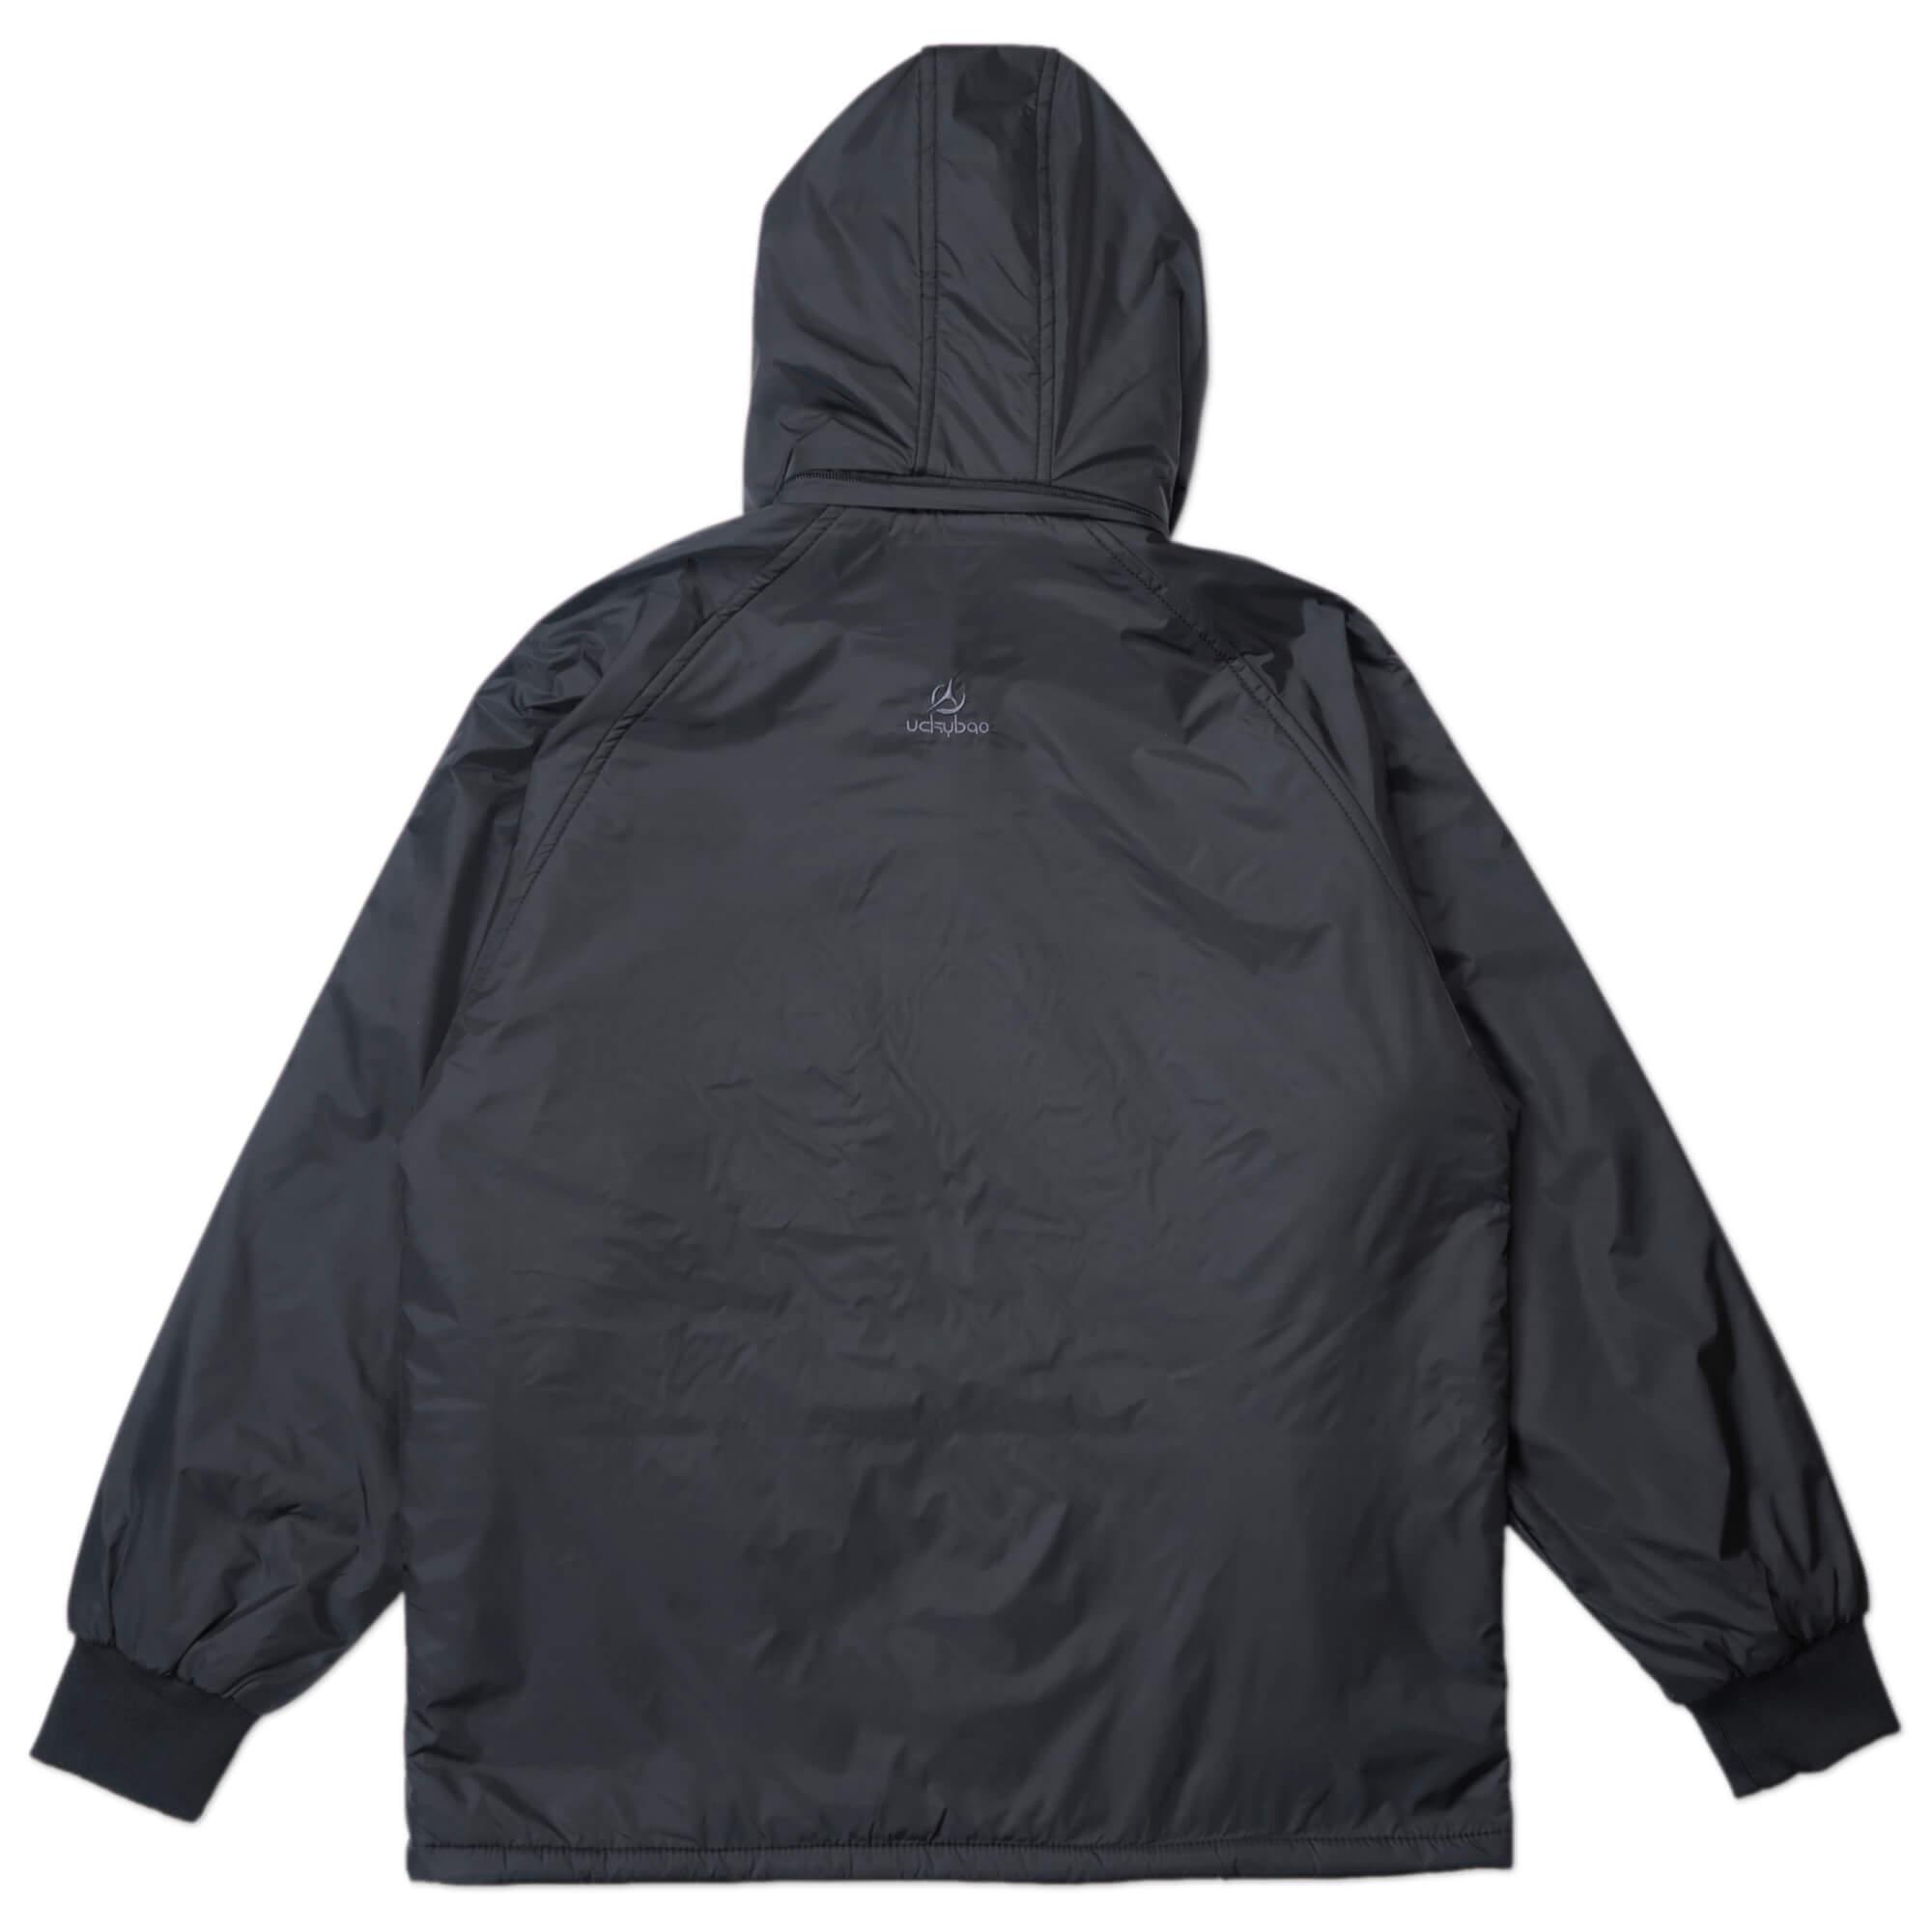 內舖絨布保暖風衣外套 保暖外套 騎士外套 夾克外套 防風外套 黑色外套 FLANNEL LINED WINDBREAKER JACKETS (312-6077-21)黑色 L XL 2L(胸圍46~51英吋) [實體店面保障] sun-e 2